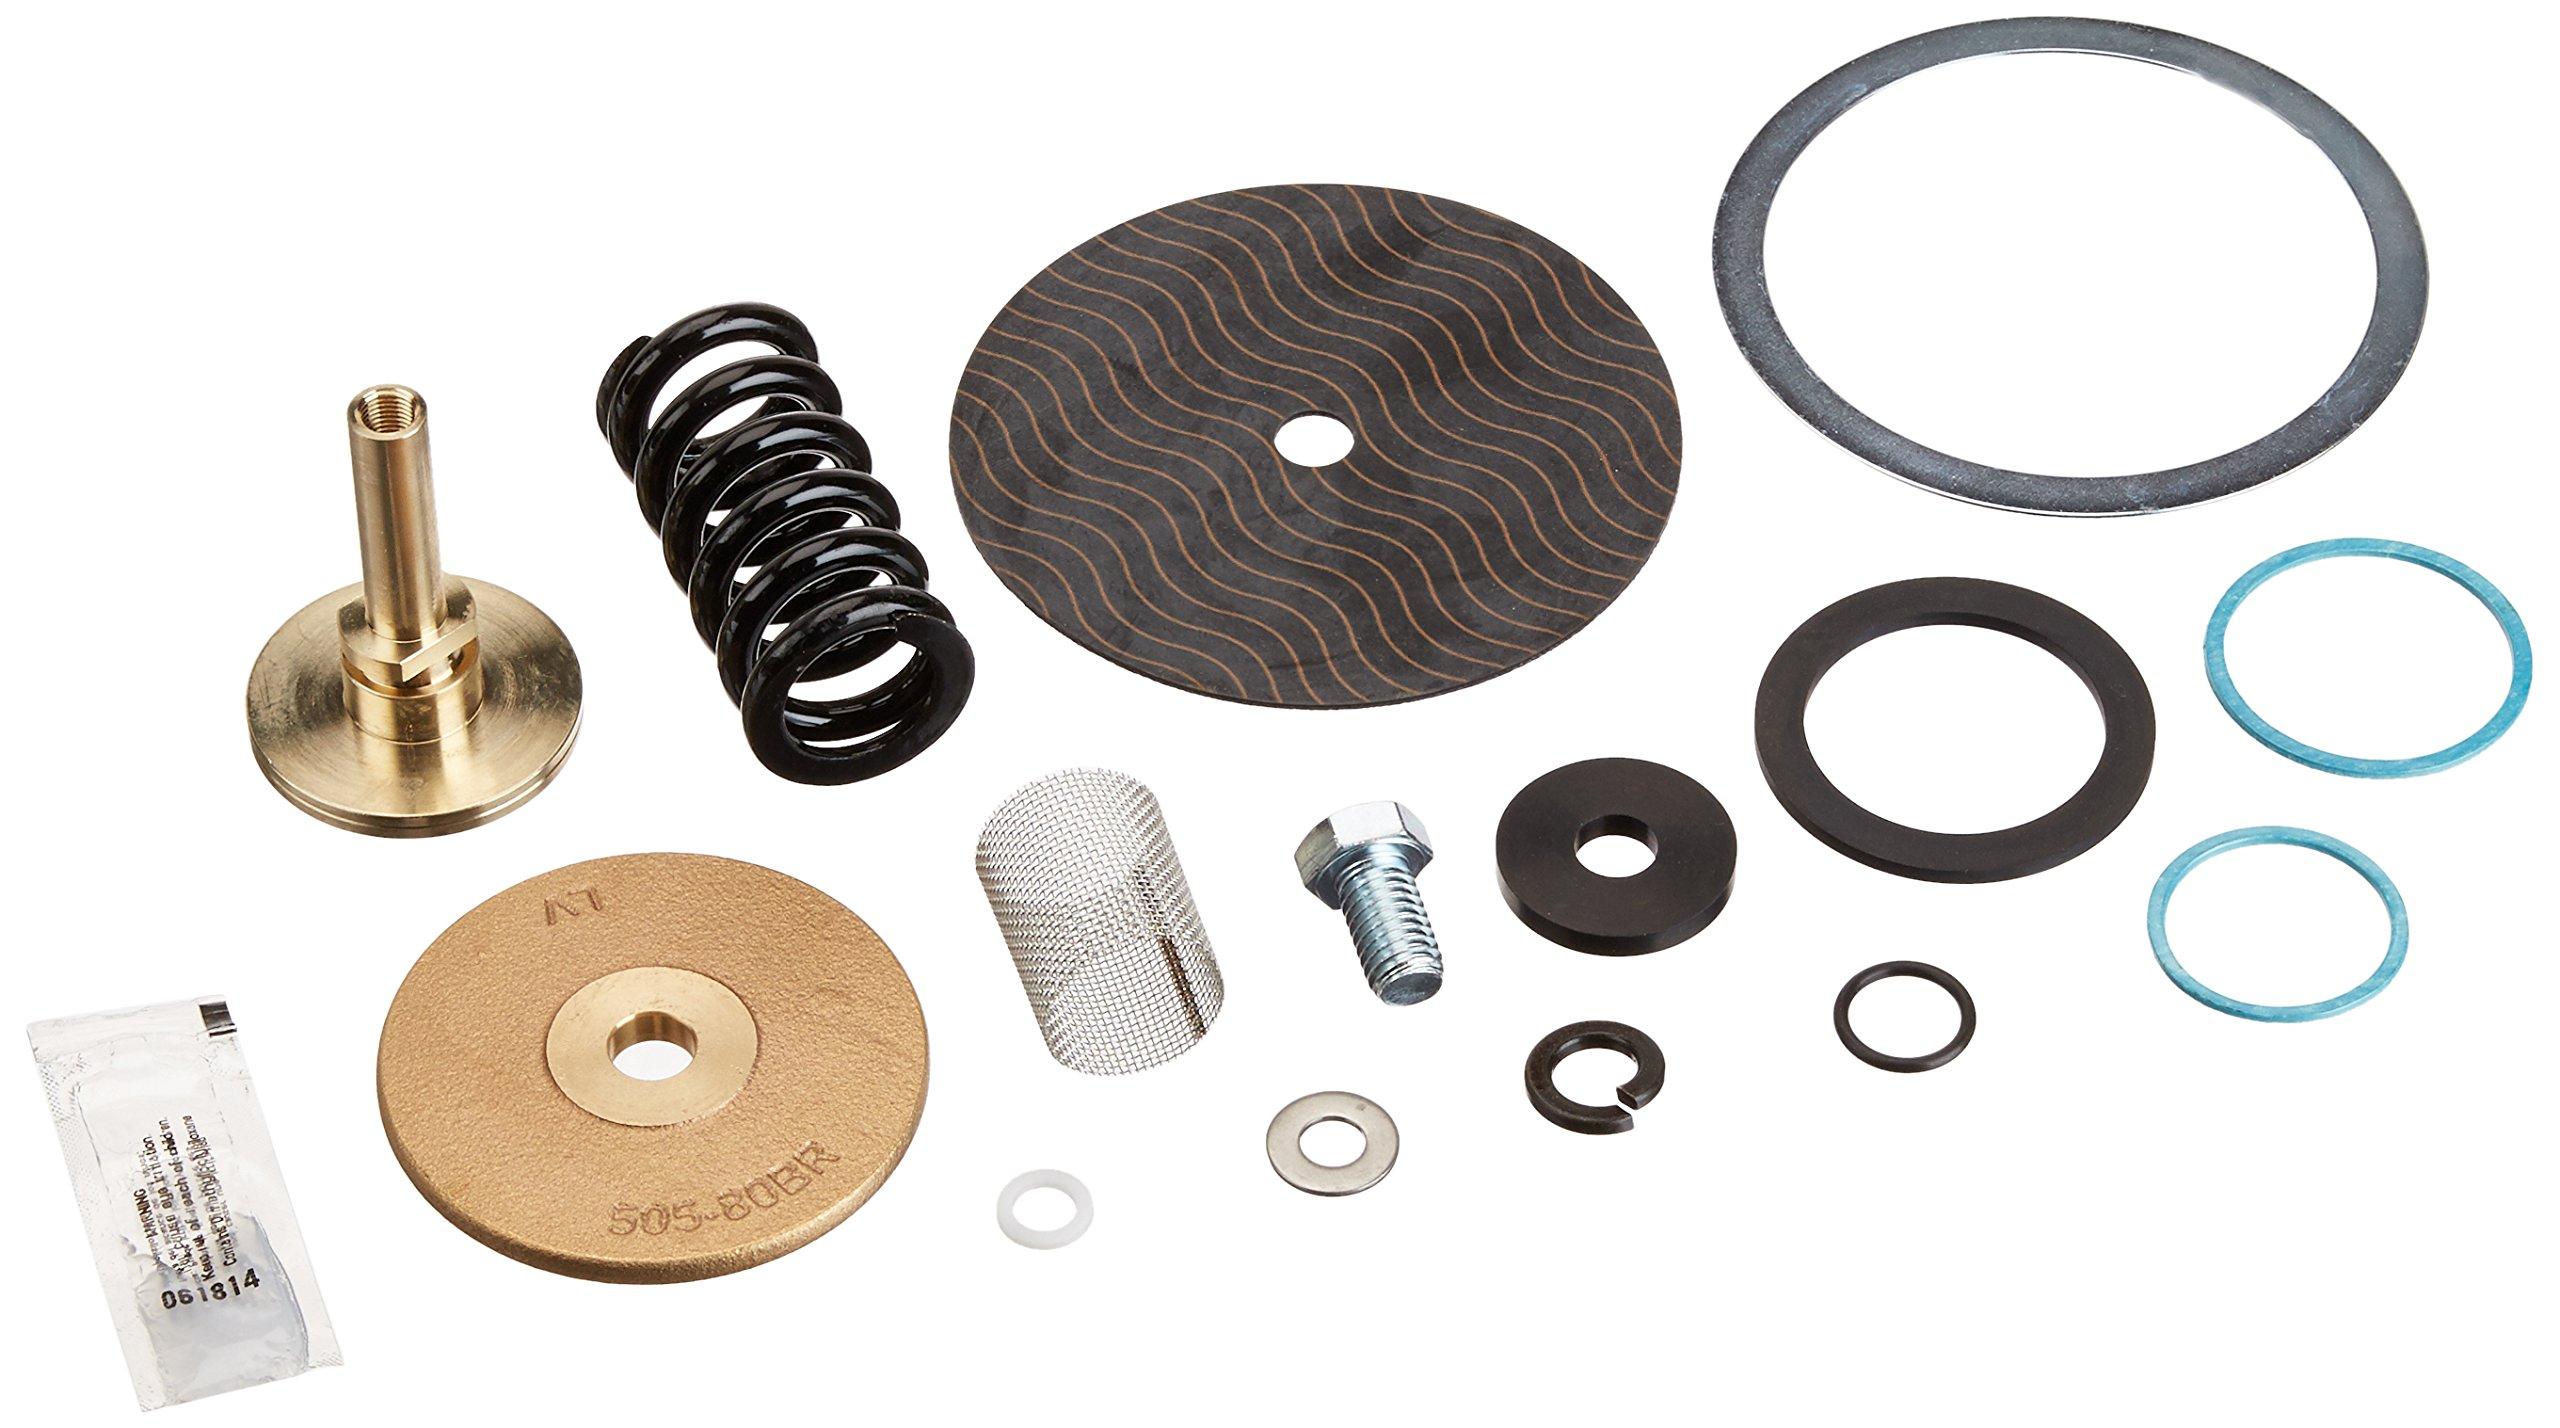 wilkins rk34 600xl repair kits ebay. Black Bedroom Furniture Sets. Home Design Ideas